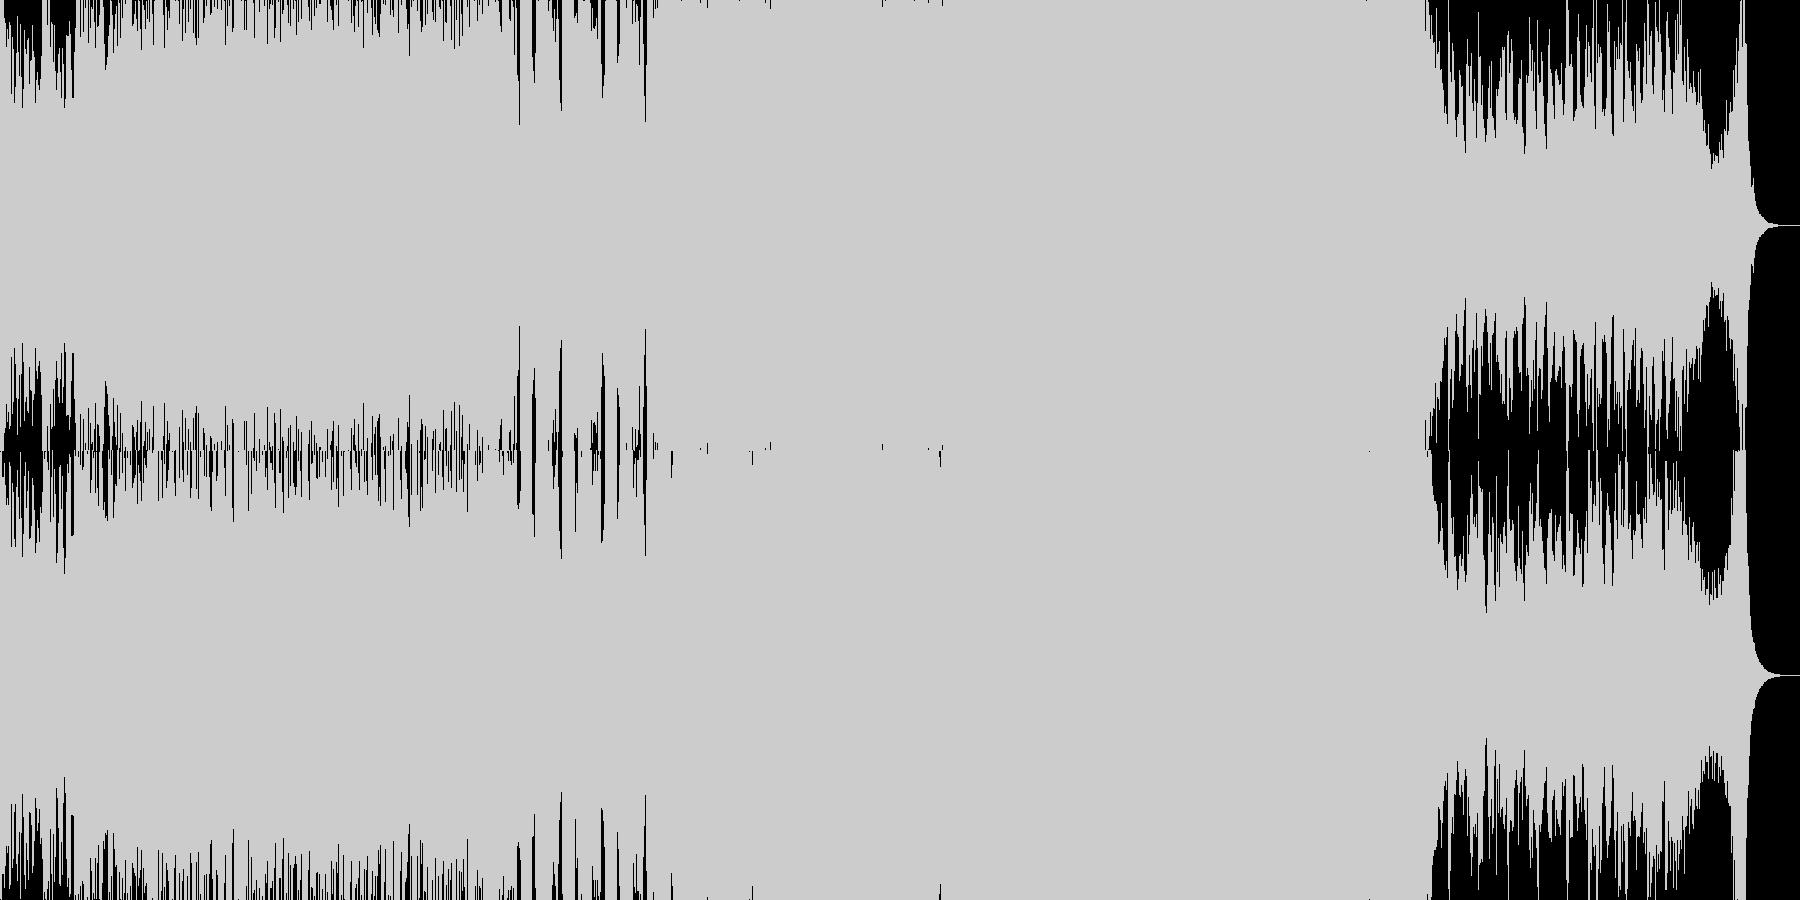 戦闘~勝利 シンフォニックメタル風戦闘曲の未再生の波形